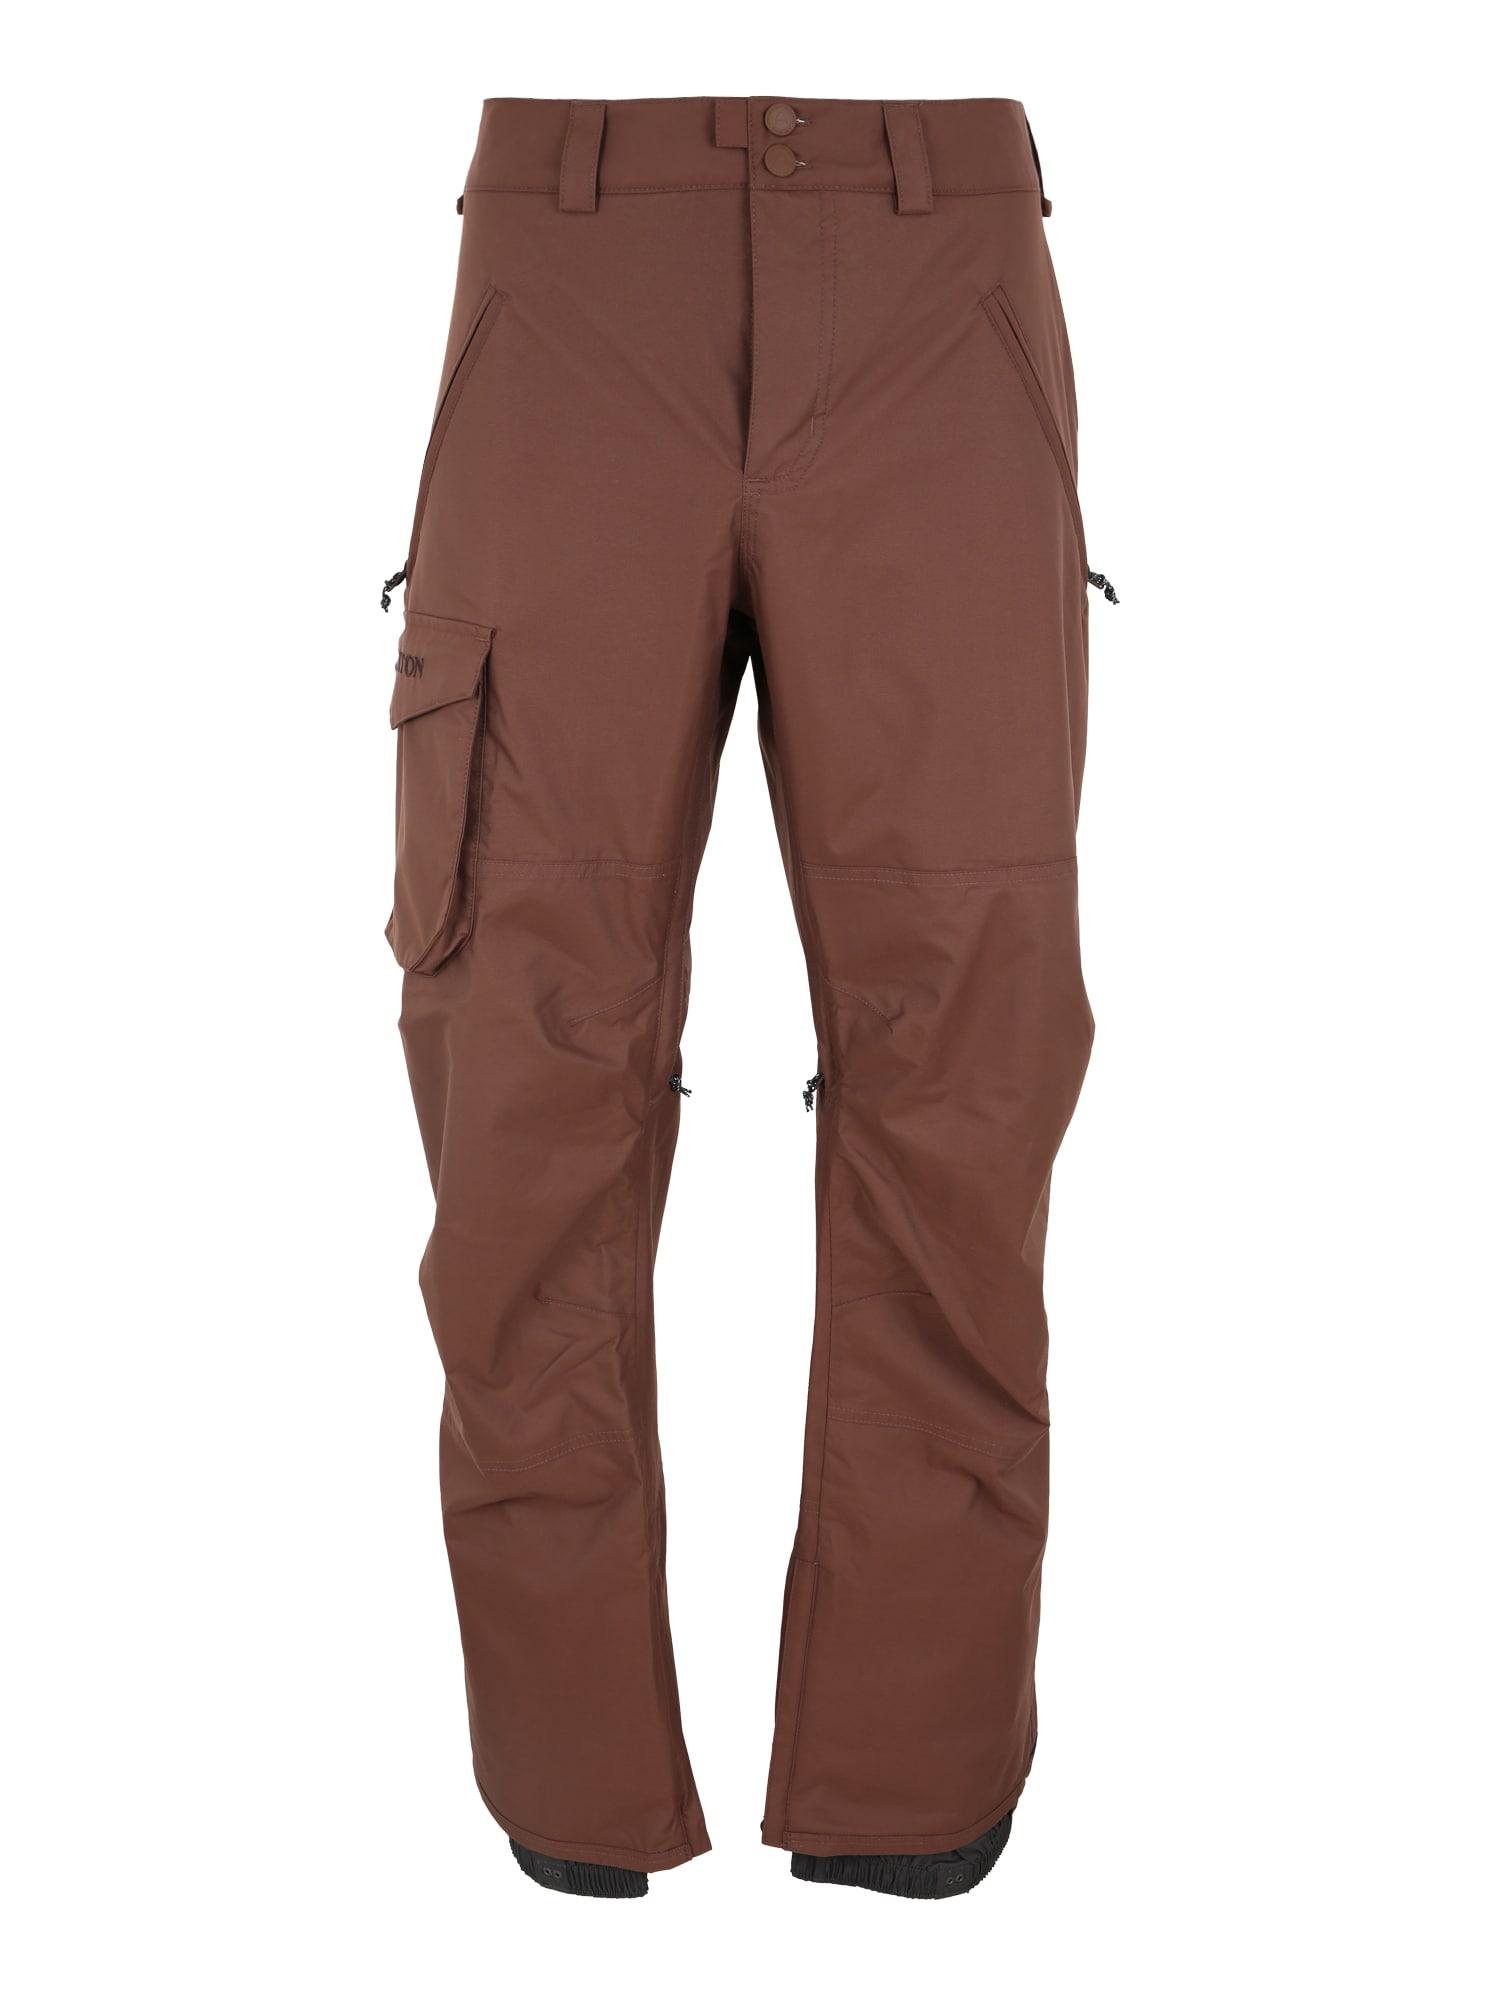 Sportovní kalhoty Covert hnědá BURTON